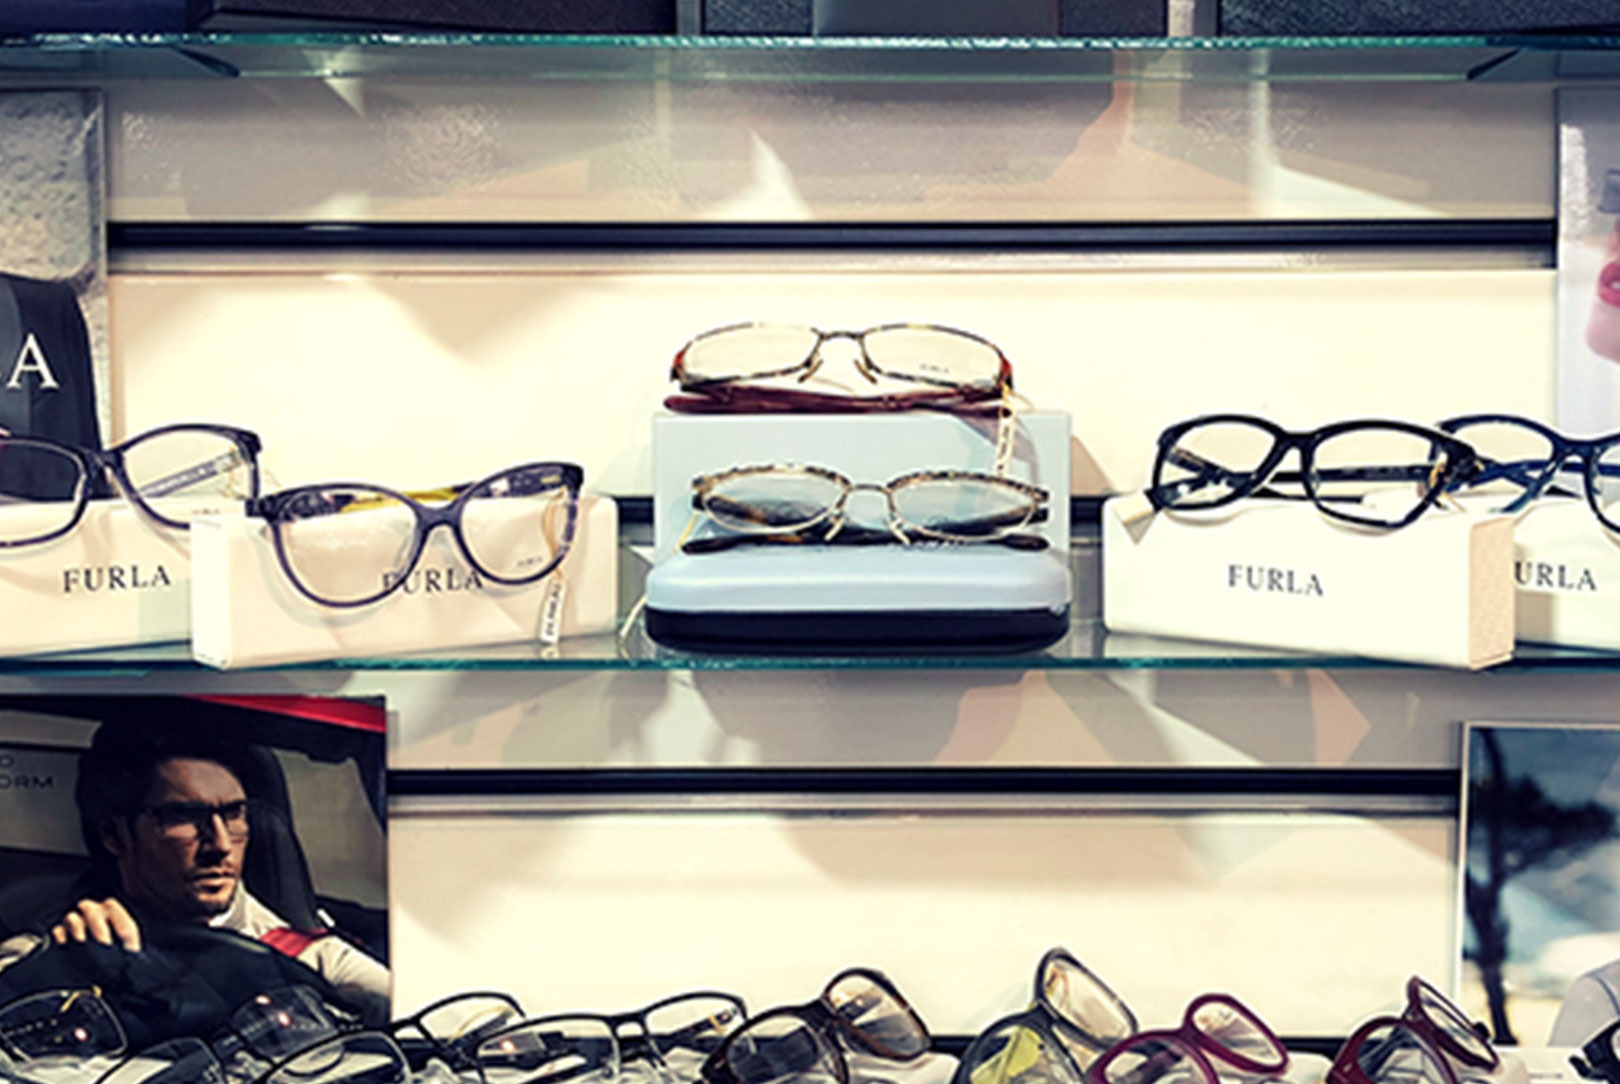 Árt a szemnek a nem megfelelő szemüveg, vagy az elégtelen világítás?